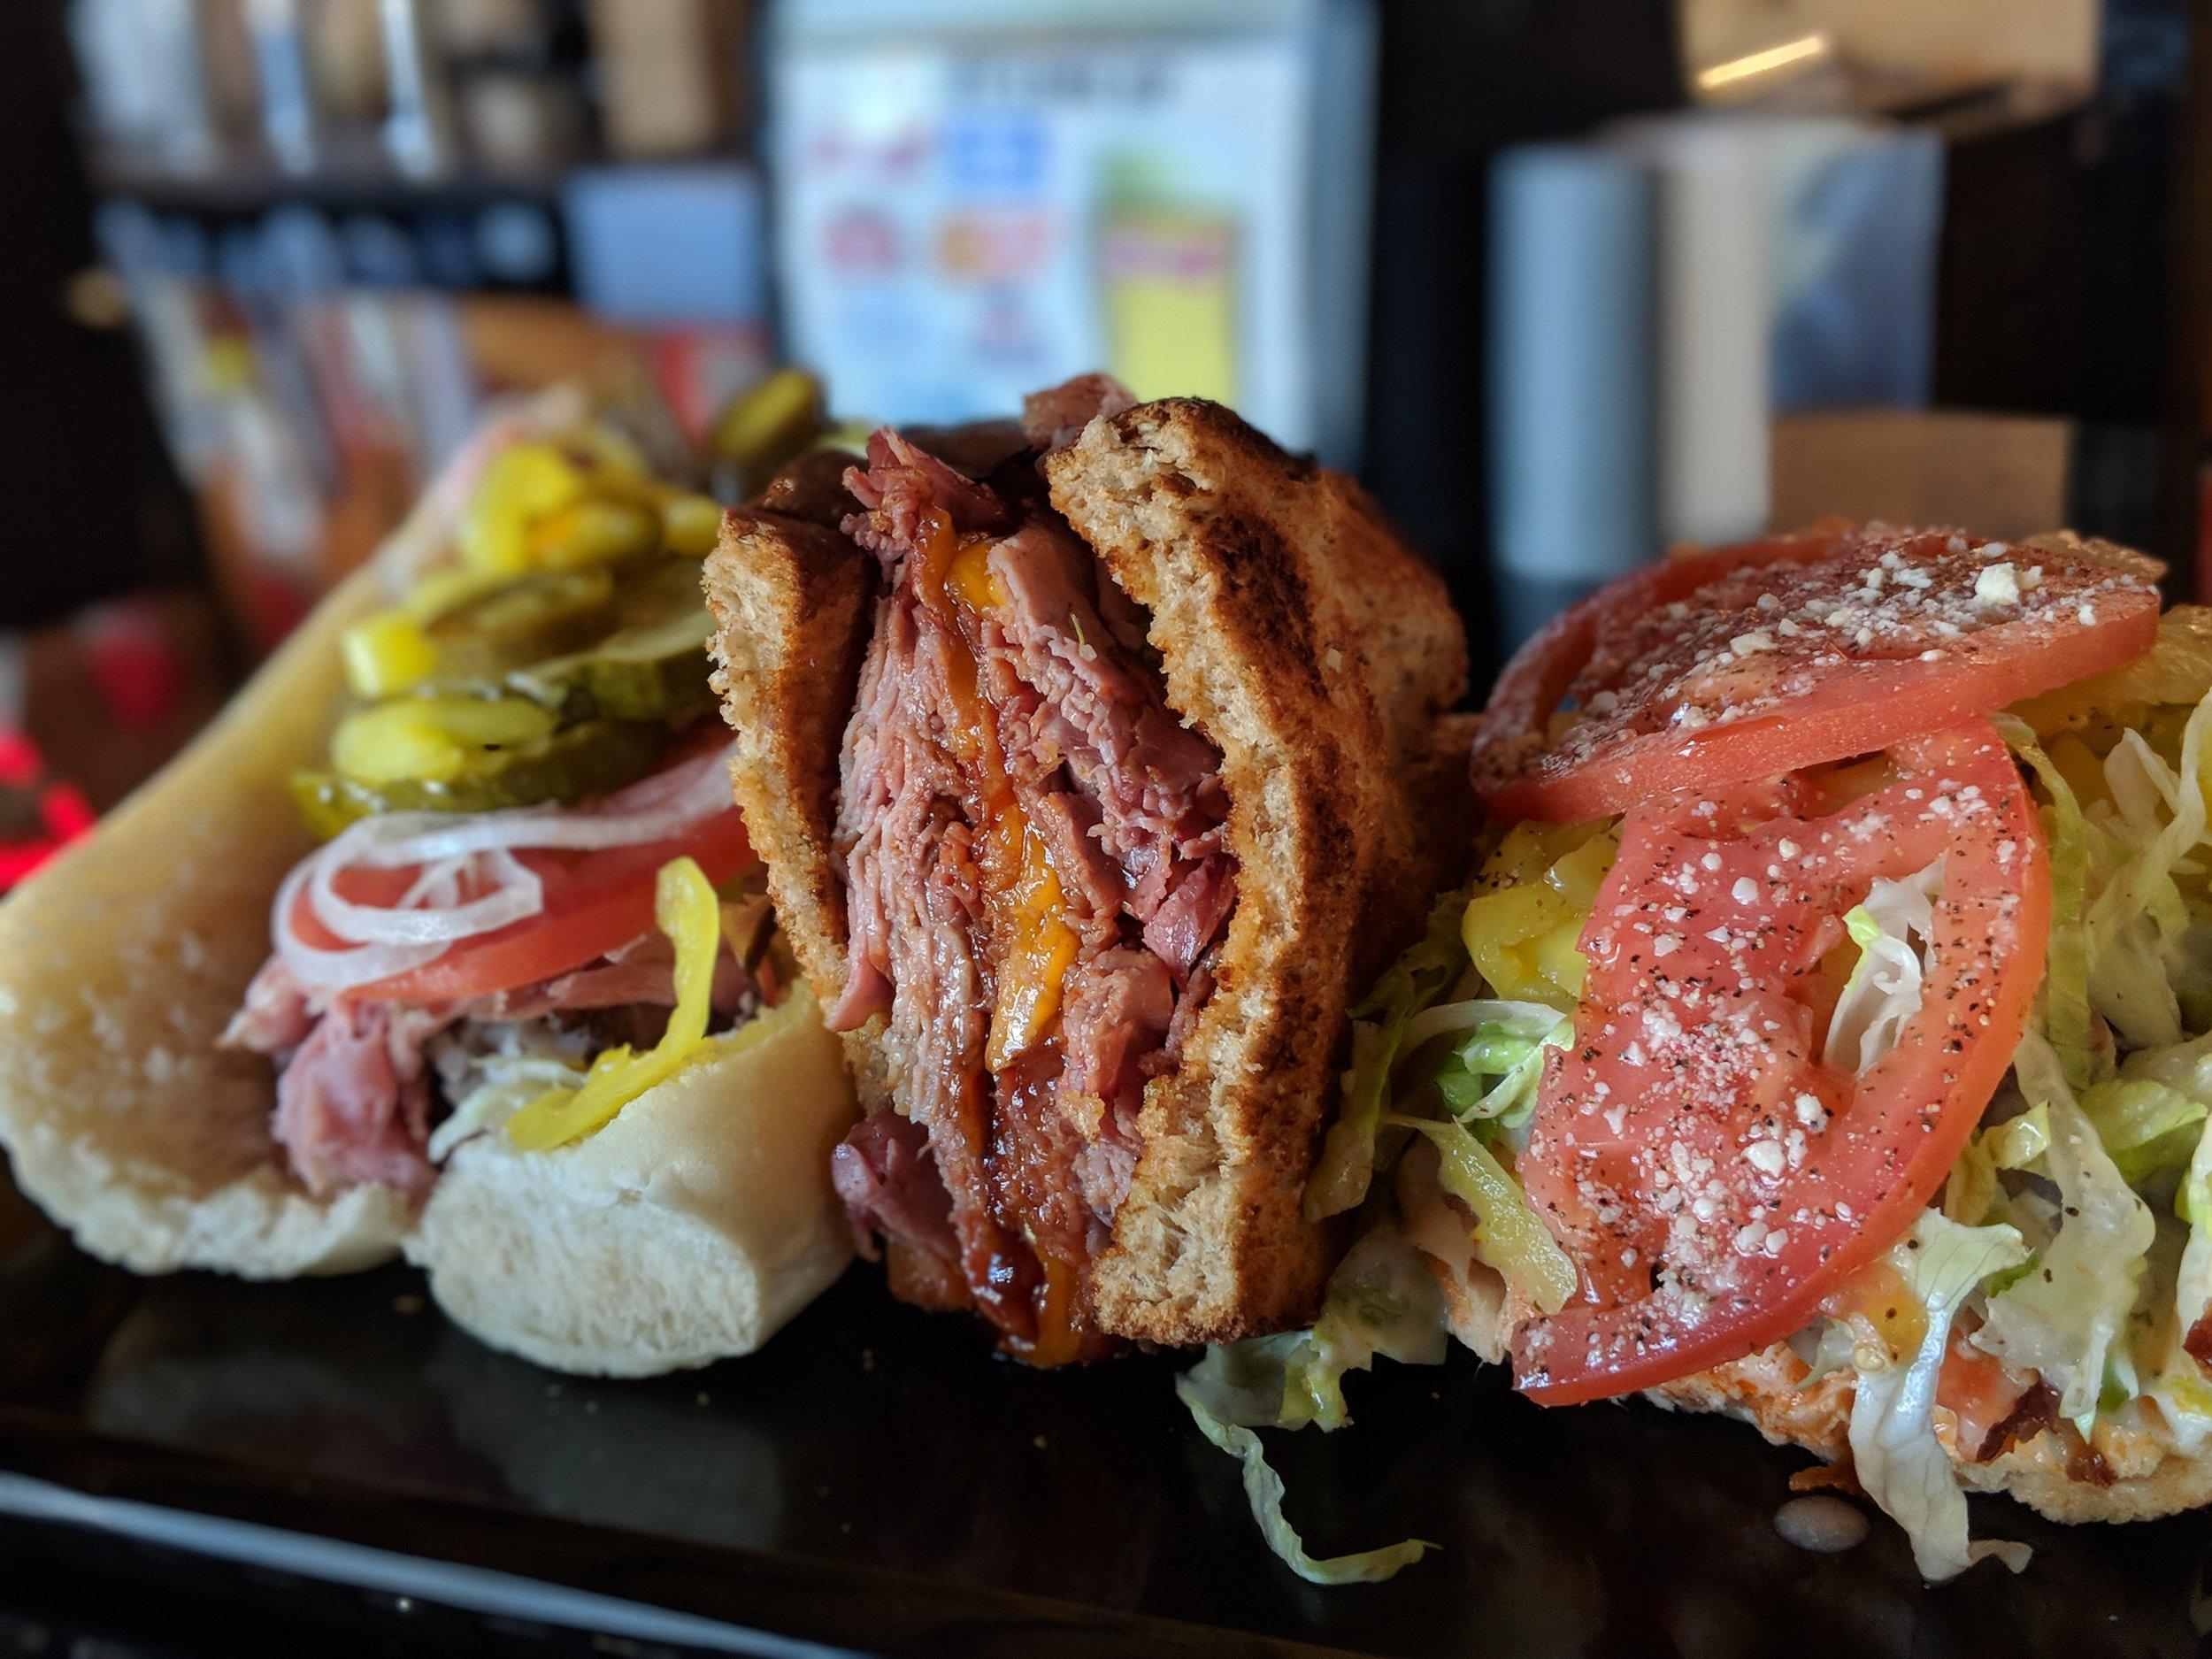 Best Sandwiches Vero Beach